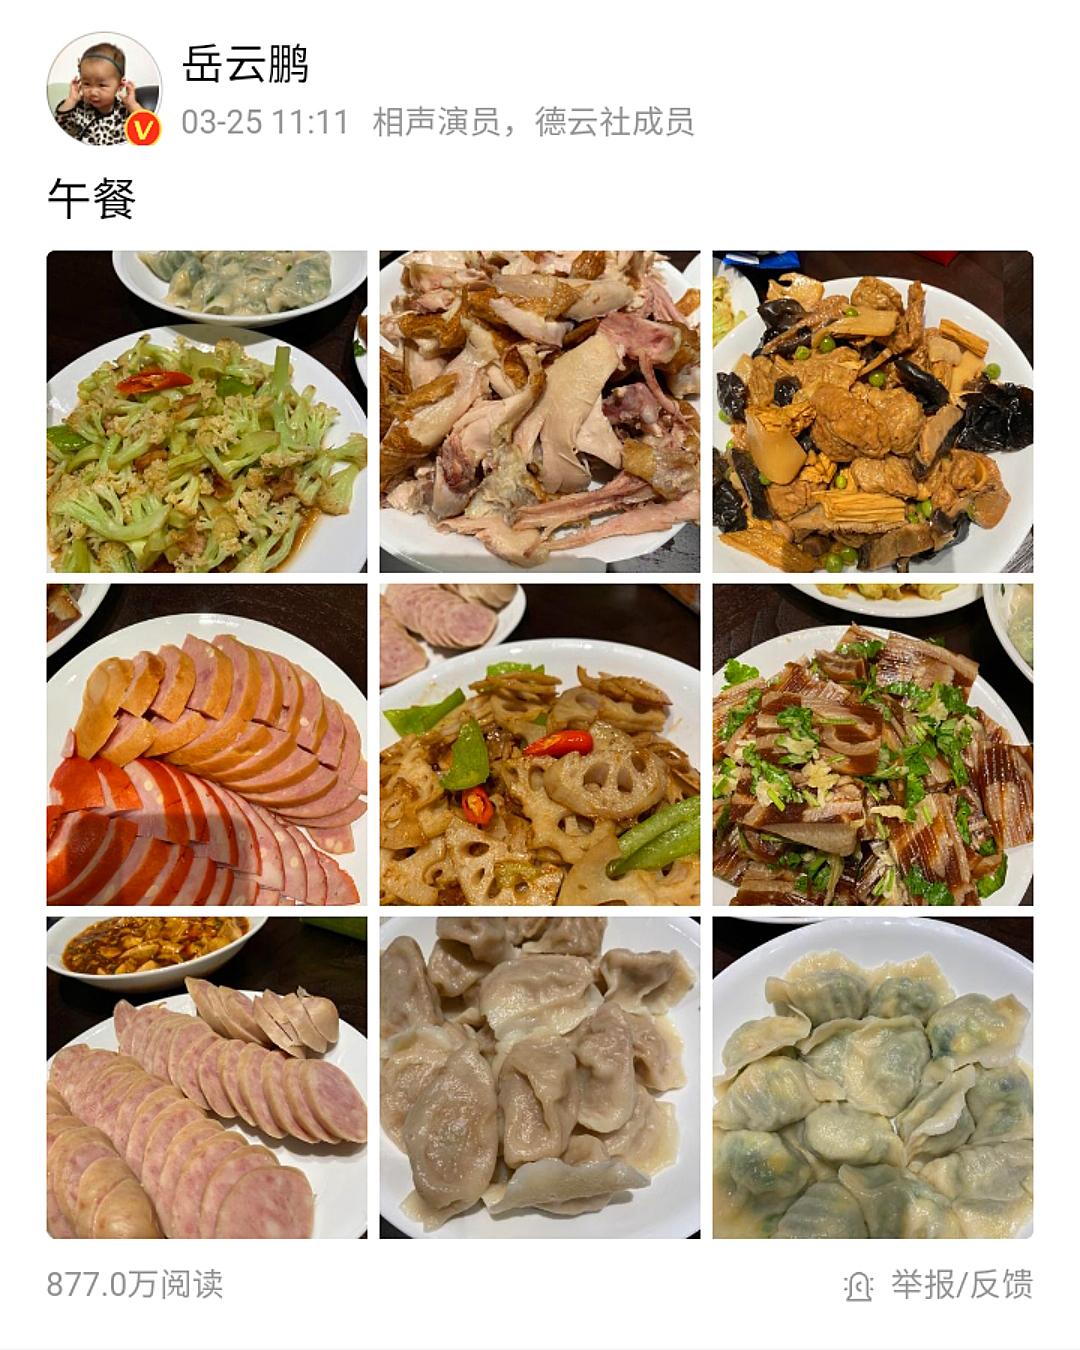 岳云鹏晒午餐,800多万阅读,3万点赞,6000条留言,看看都吃些什么_稻香村